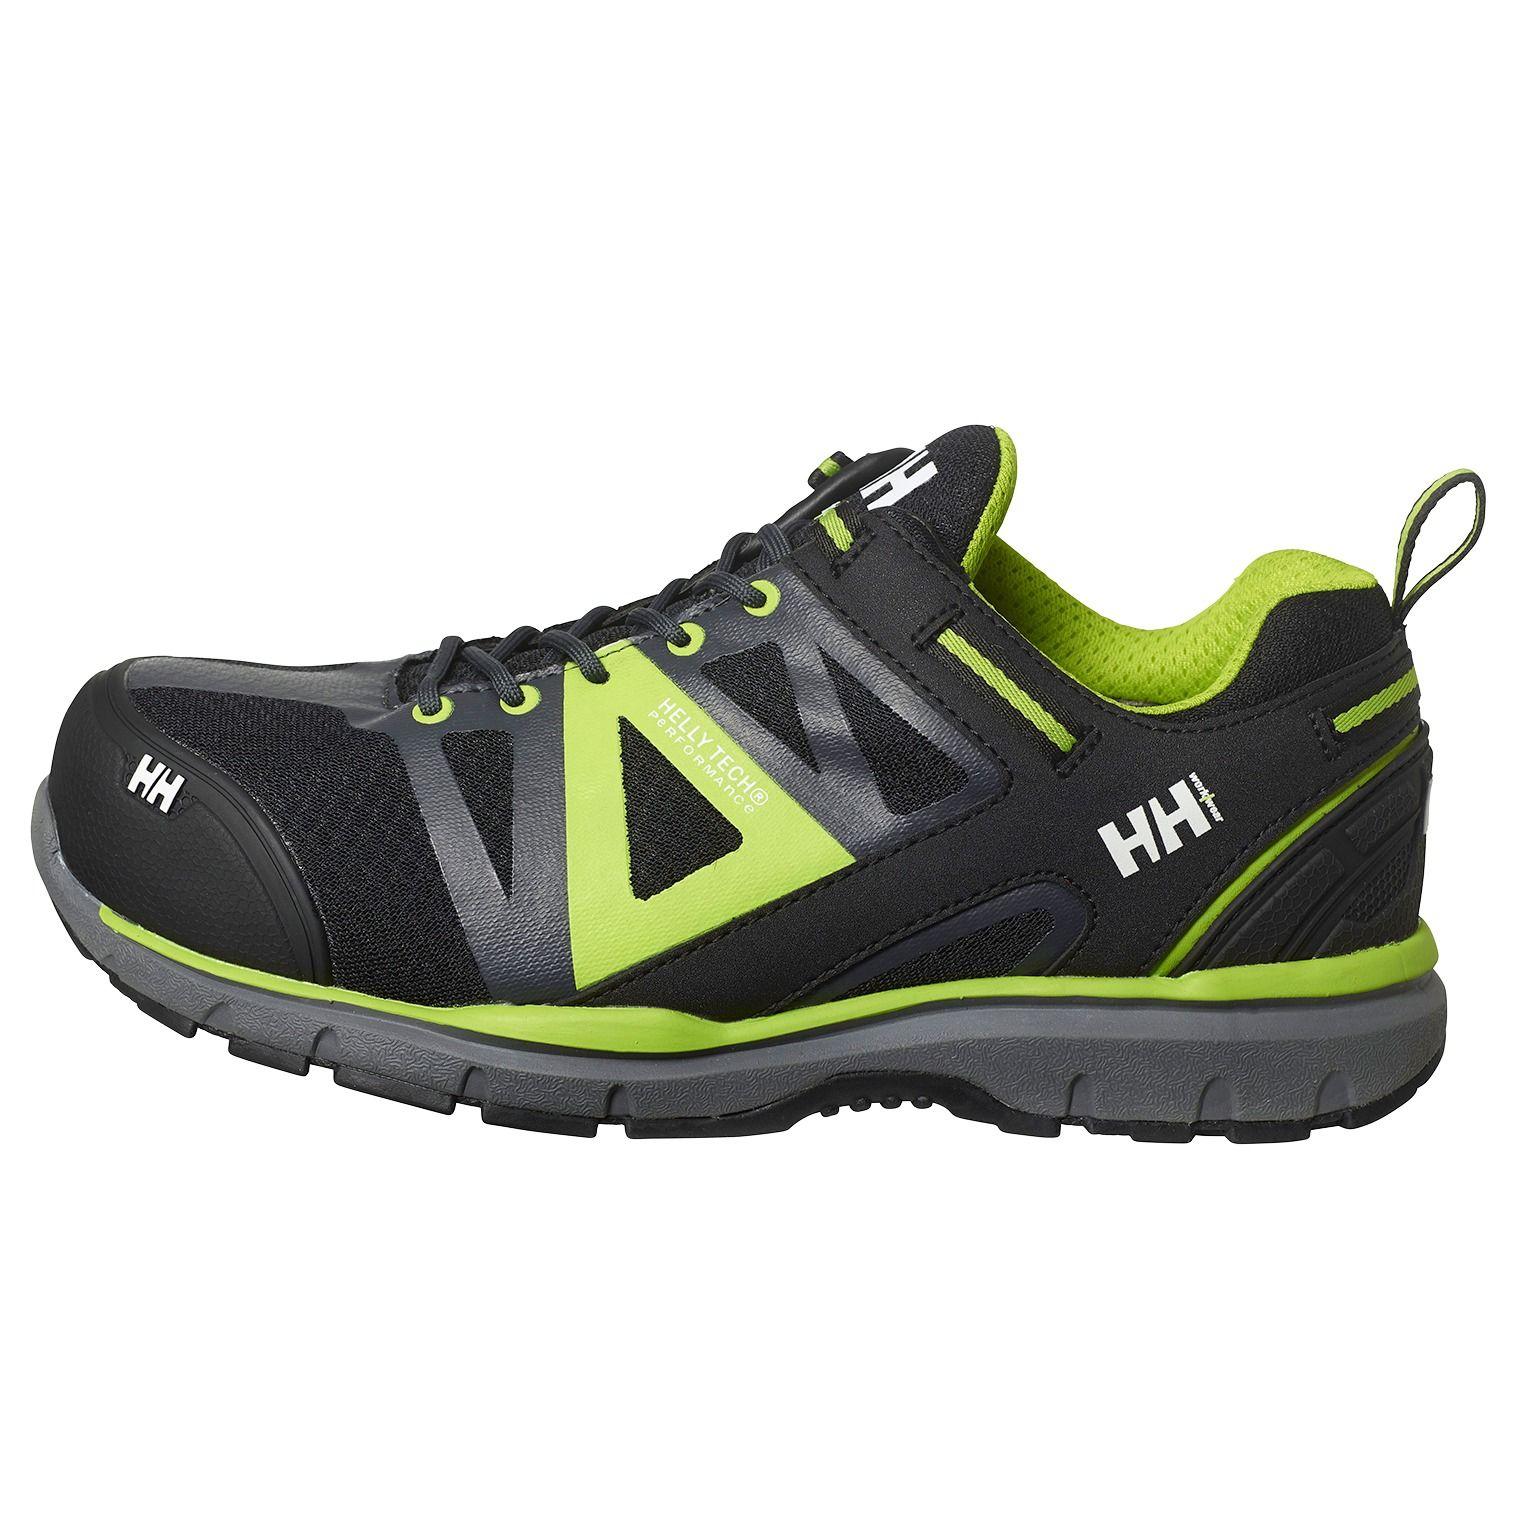 ab326477 Zapatos de seguridad WR   Comprar zapatos laborales online   Calzado de  Protección